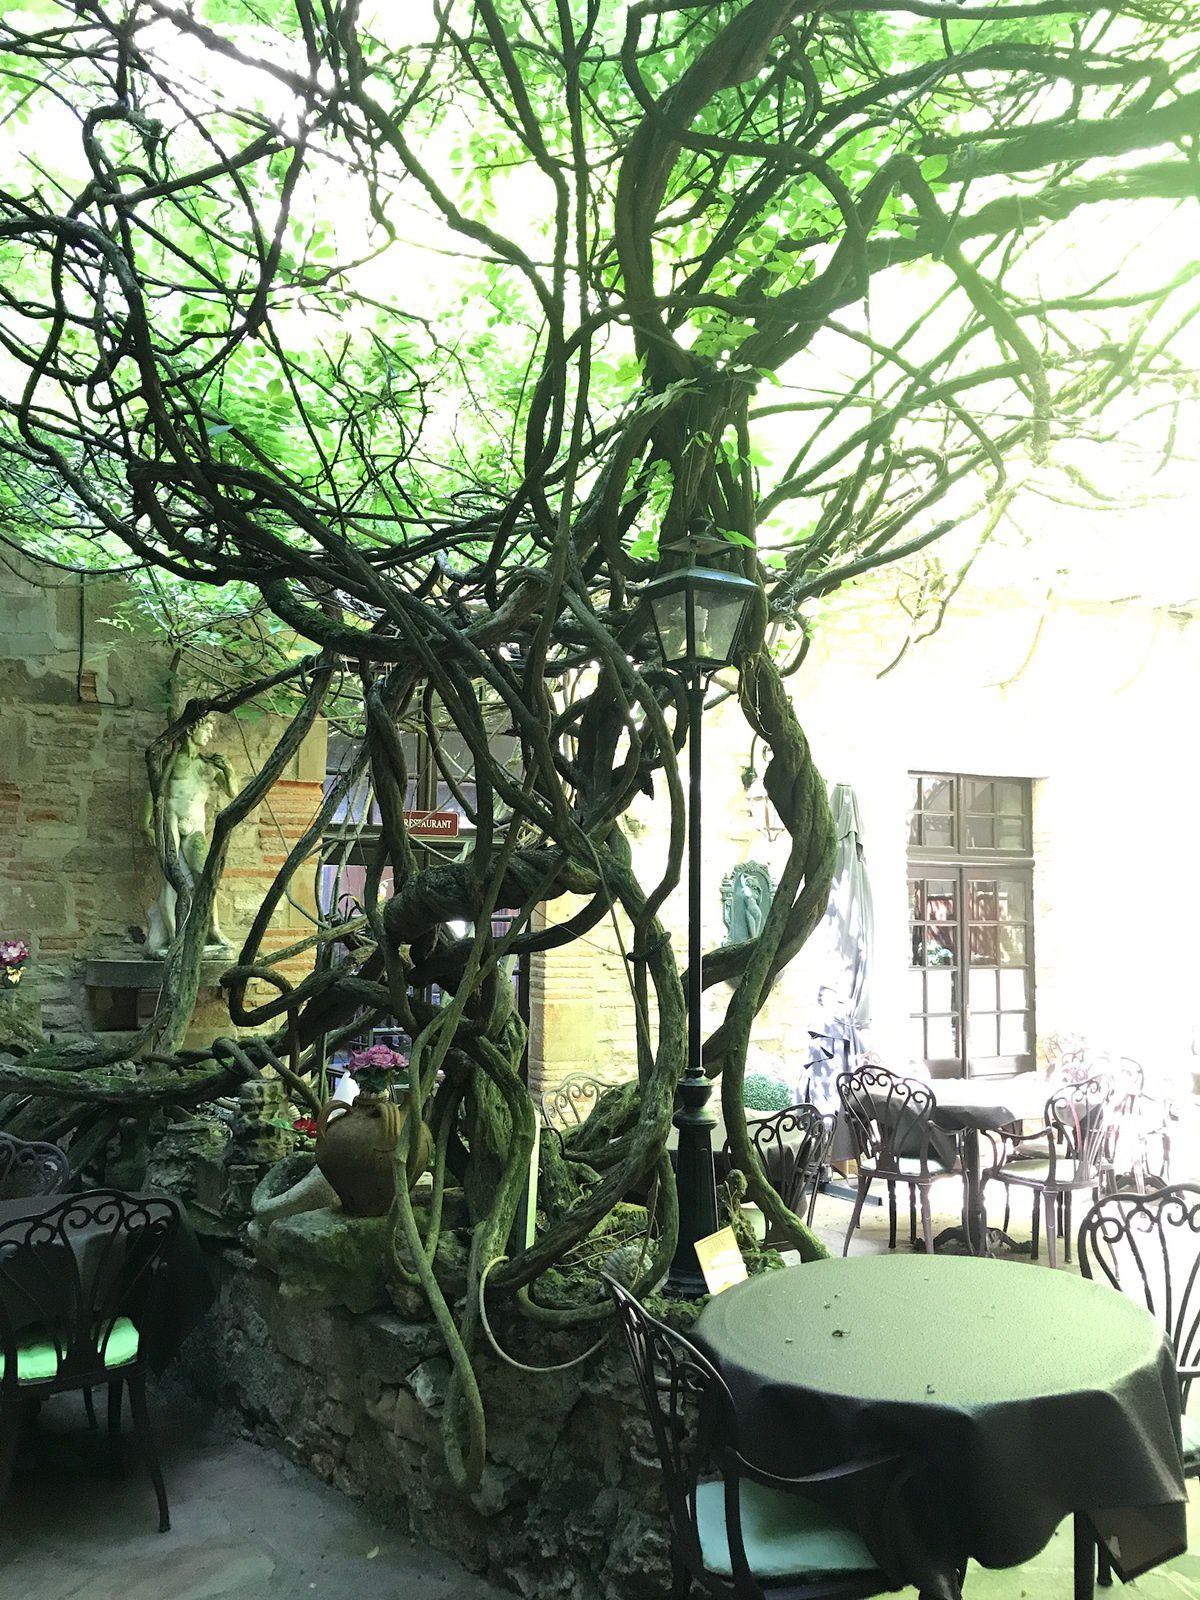 L'Hostellerie du vieux Cordes et sa glycine tricentenaire qui trône sur la terrasse du restaurant.